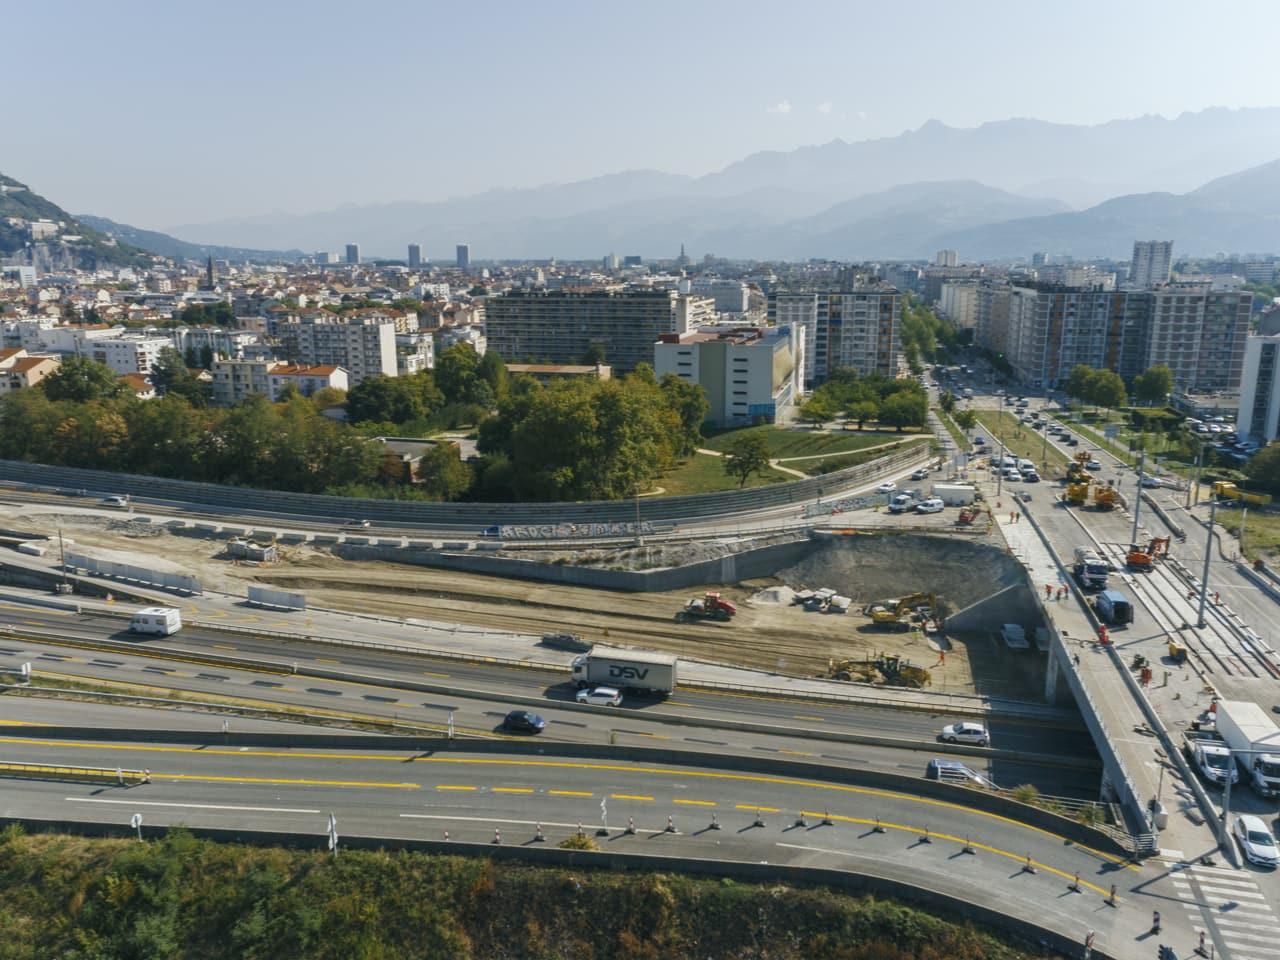 bretelle de sortie du diffuseur de Catane en direction de Grenoble depuis Sisteron sur l'autoroute A480